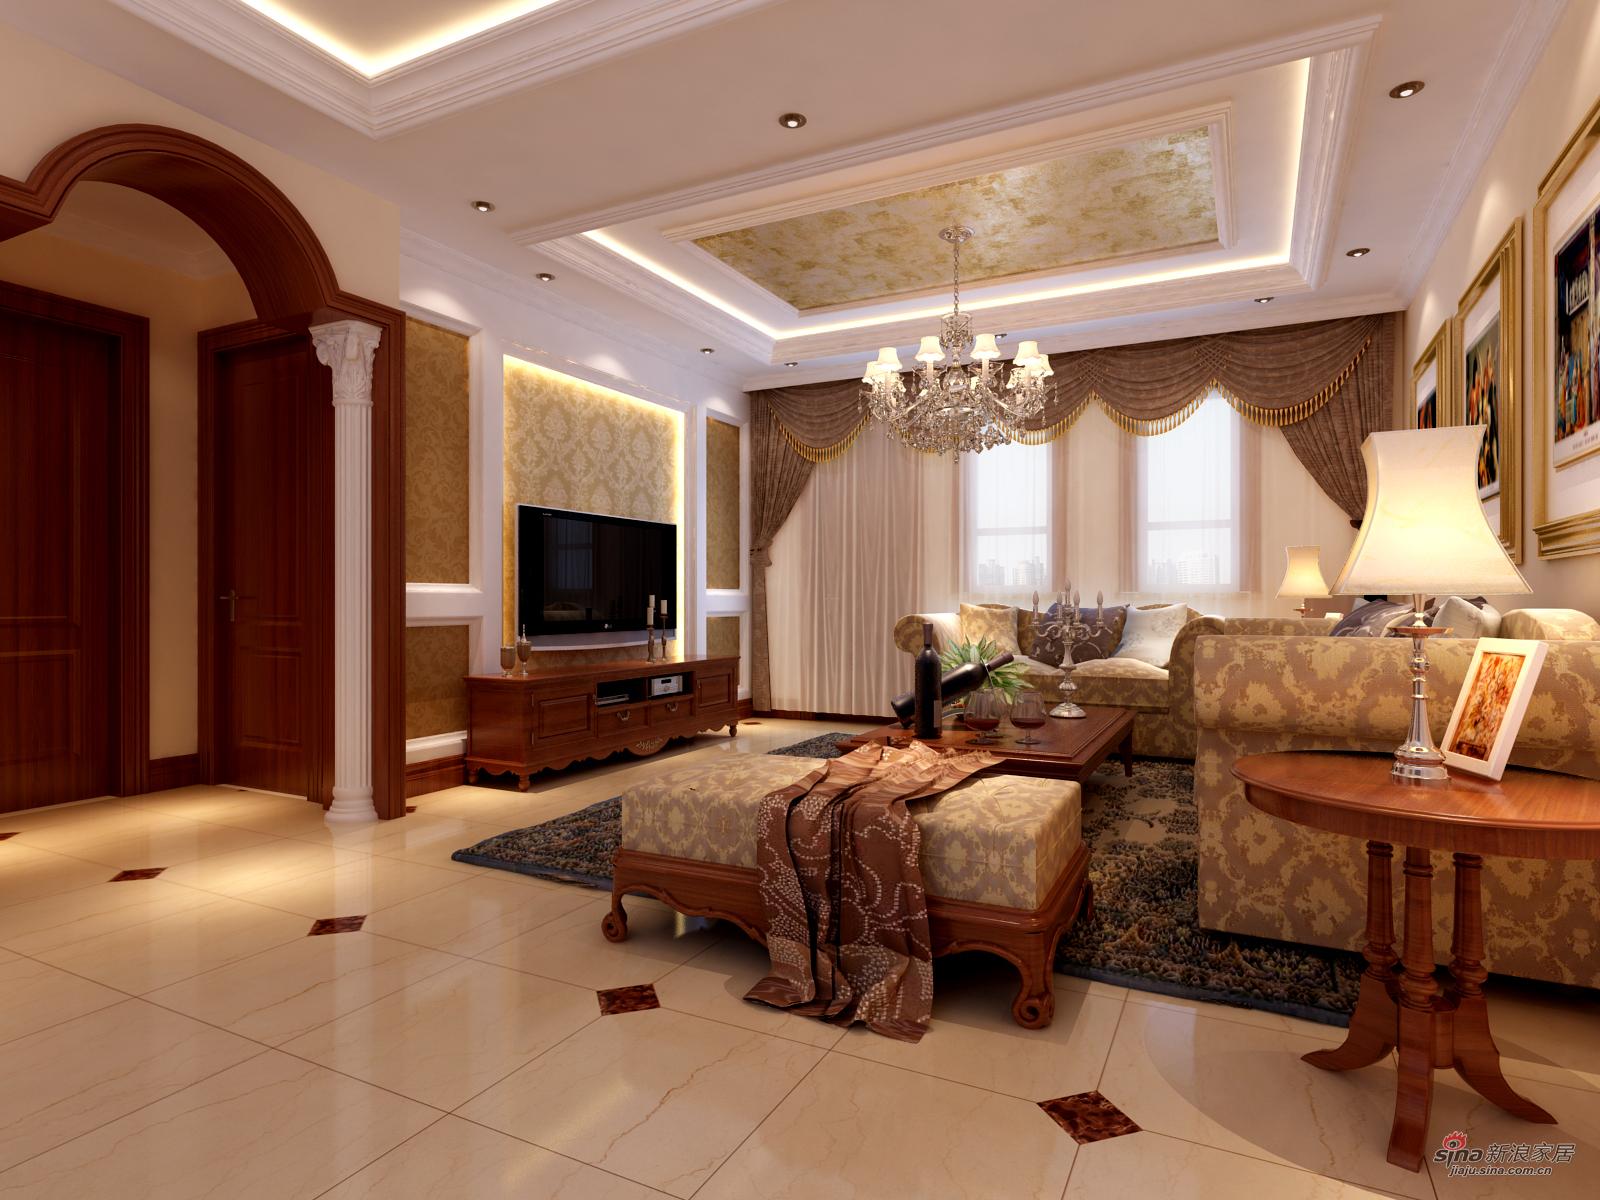 混搭 别墅 客厅图片来自用户1907655435在永定河孔雀城210平简约欧式设计风格10的分享